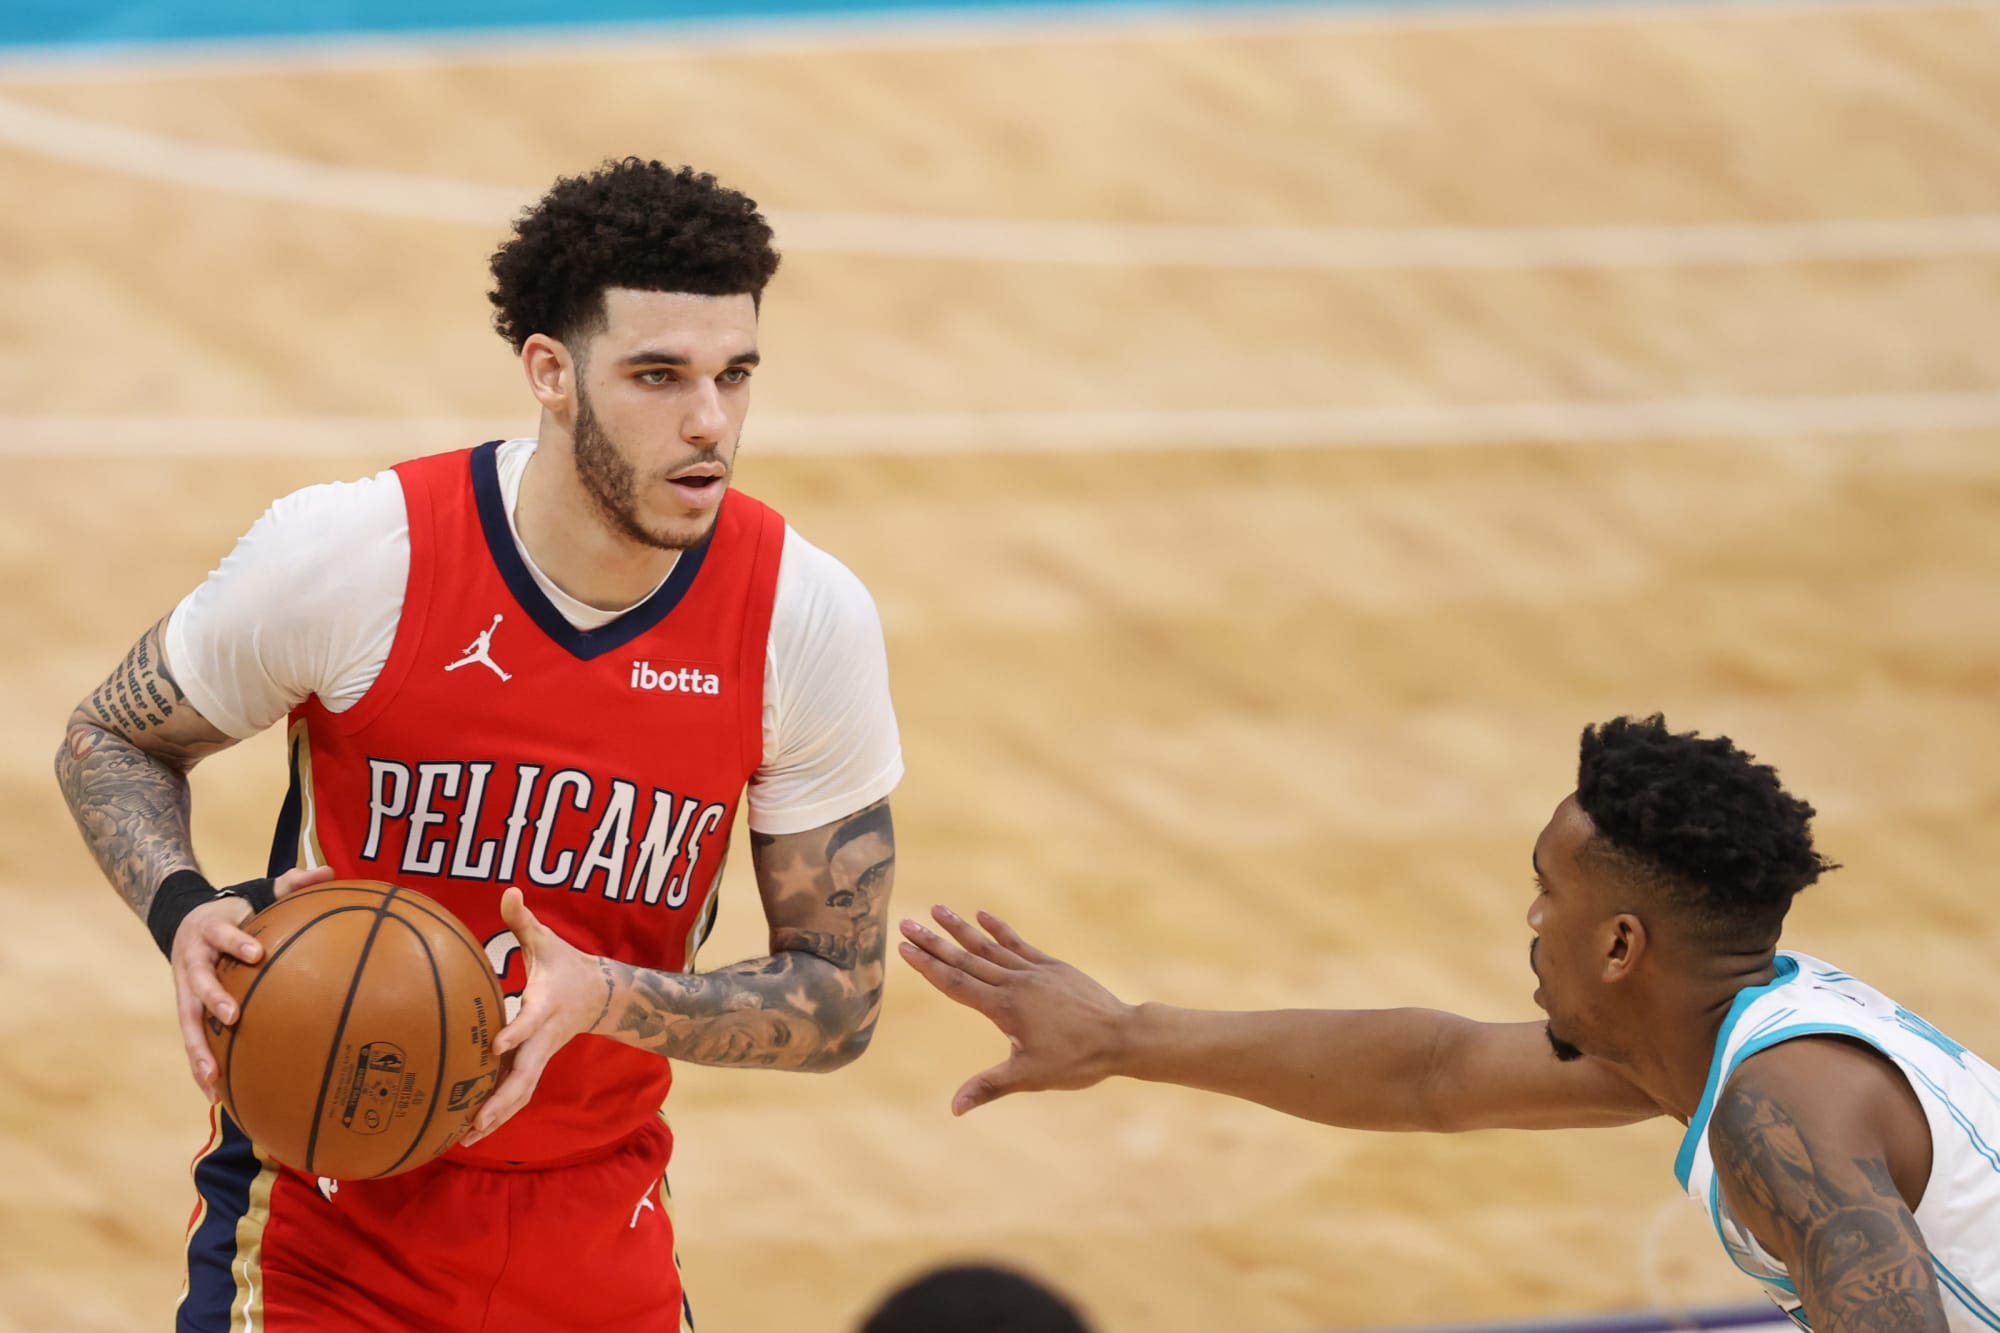 Bulls consiguen a Lonzo Ball en contrato de 4 años en firma y canje con Pelicans